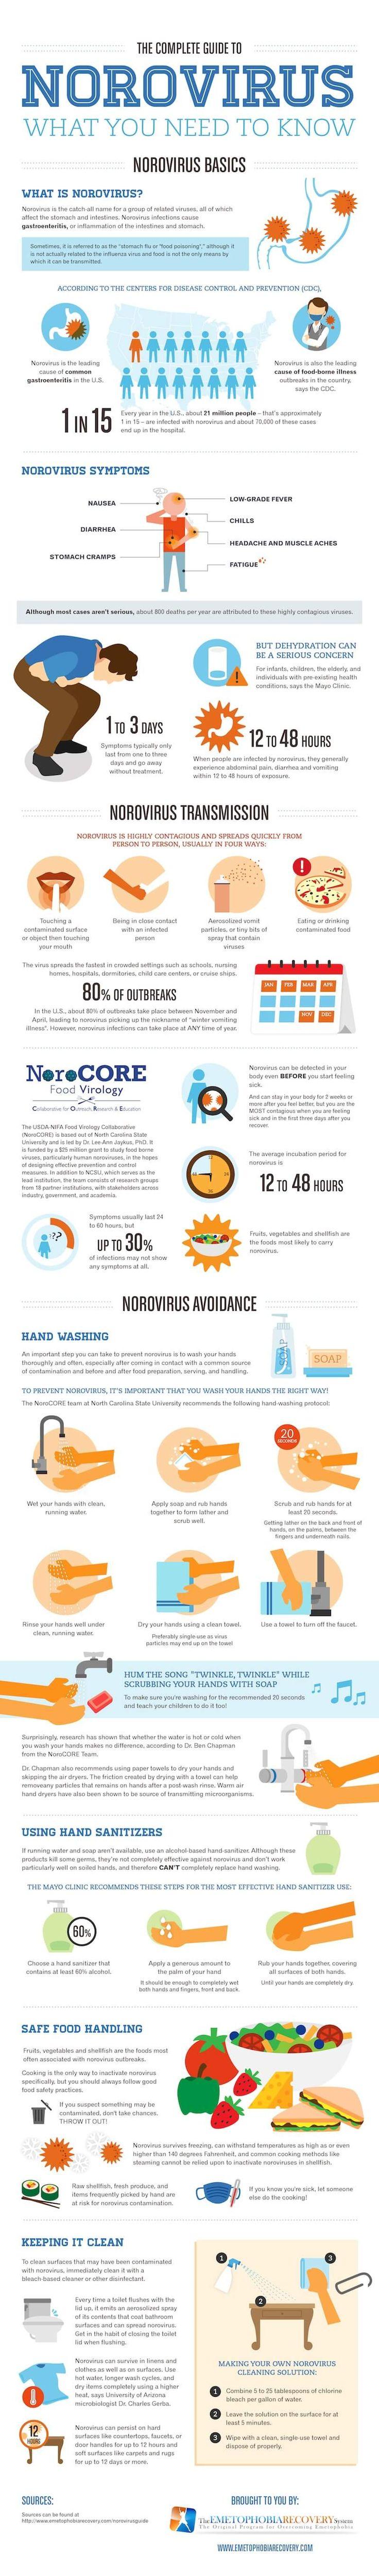 Norovirus and flu tips